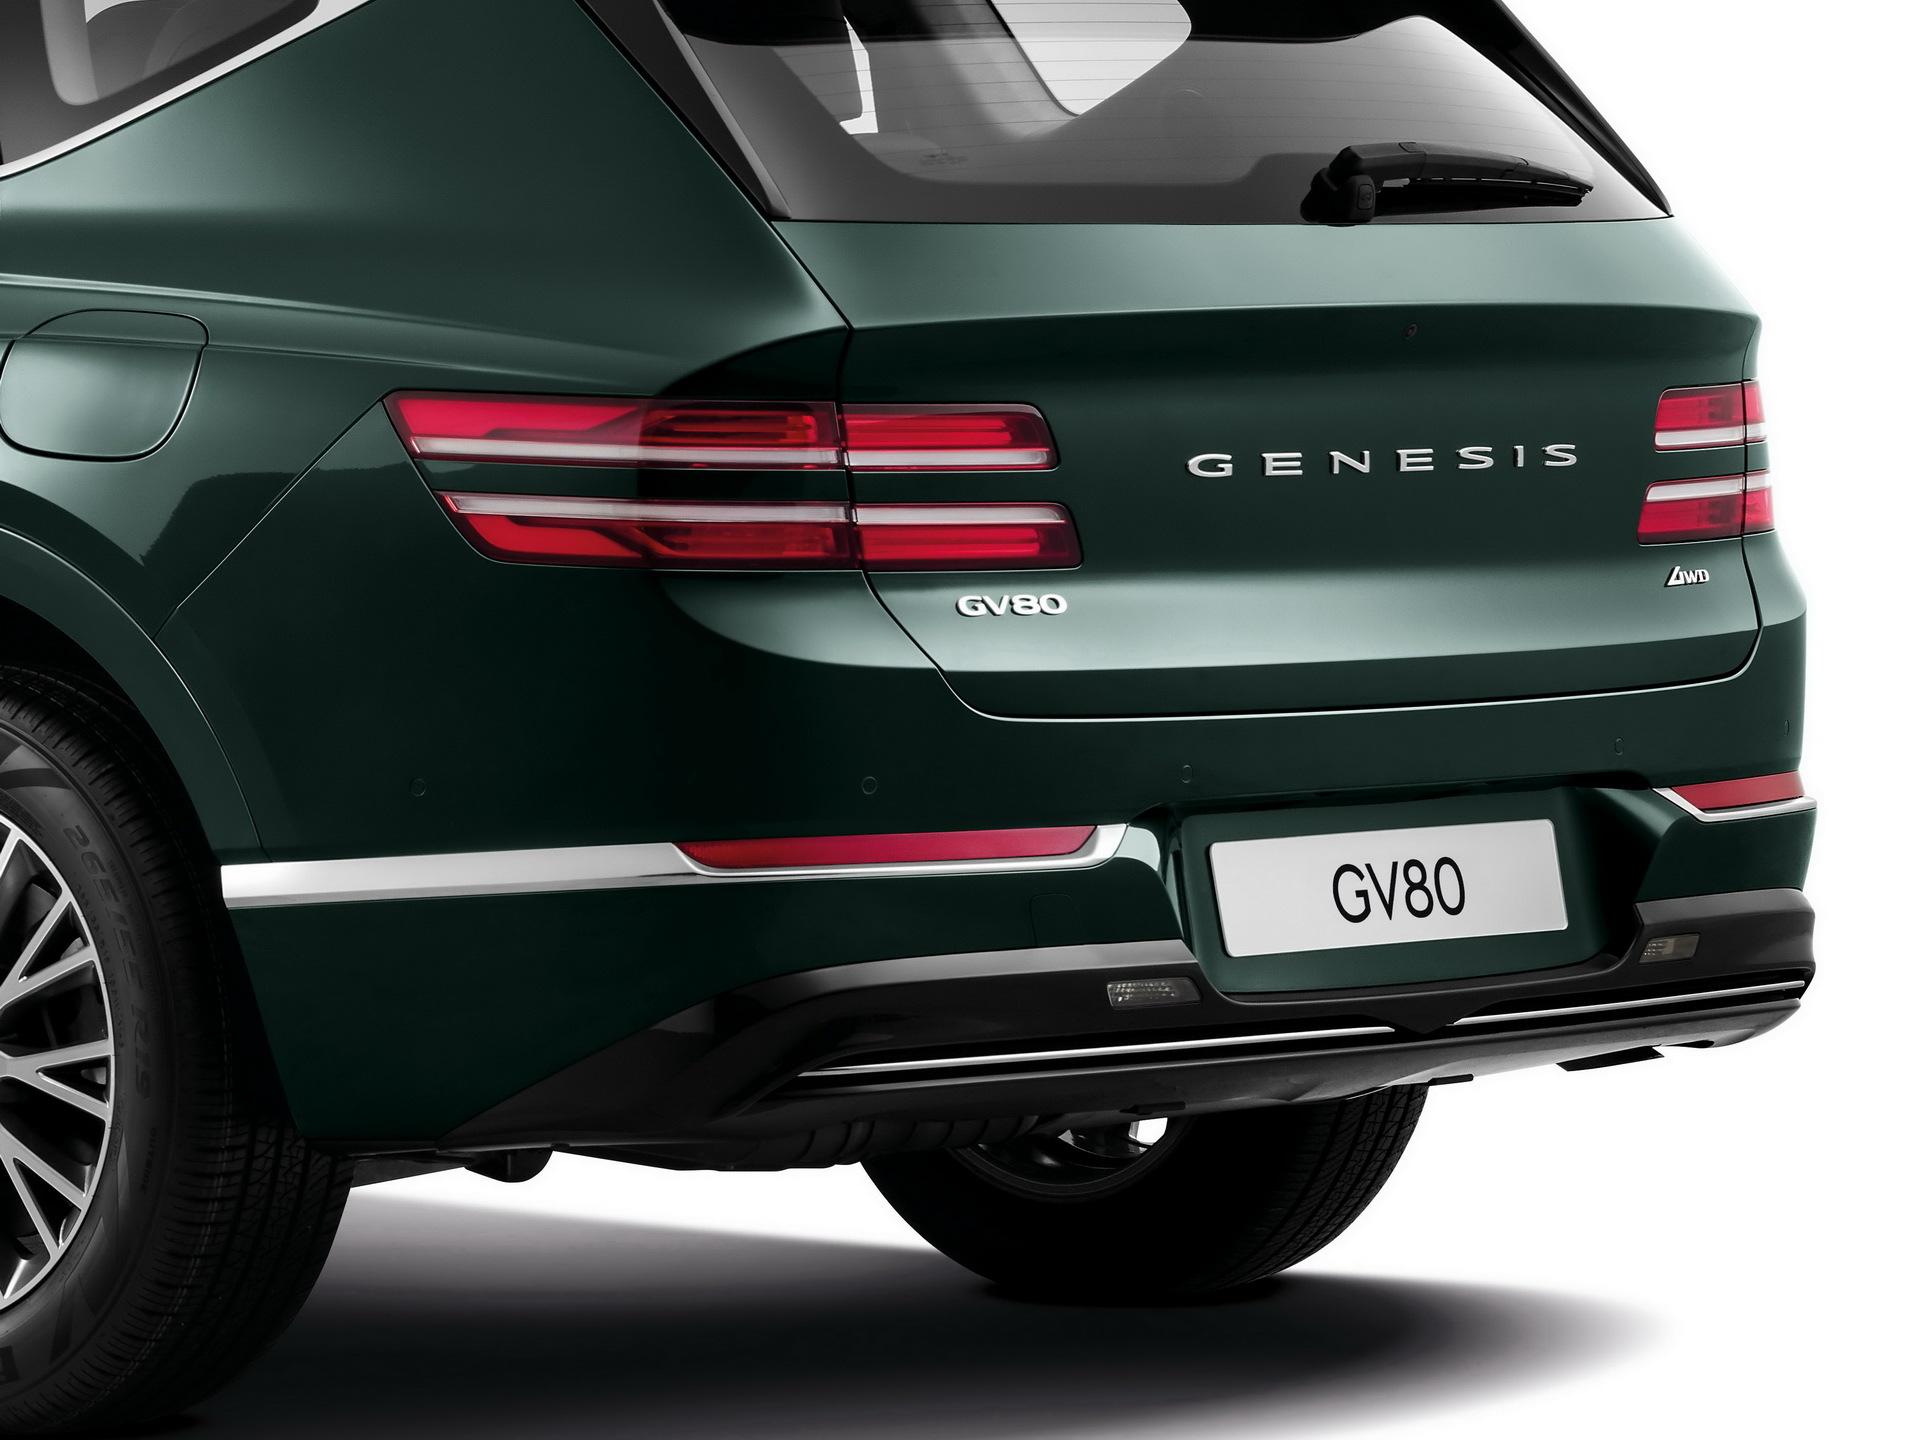 genesis gv80 sang va xin